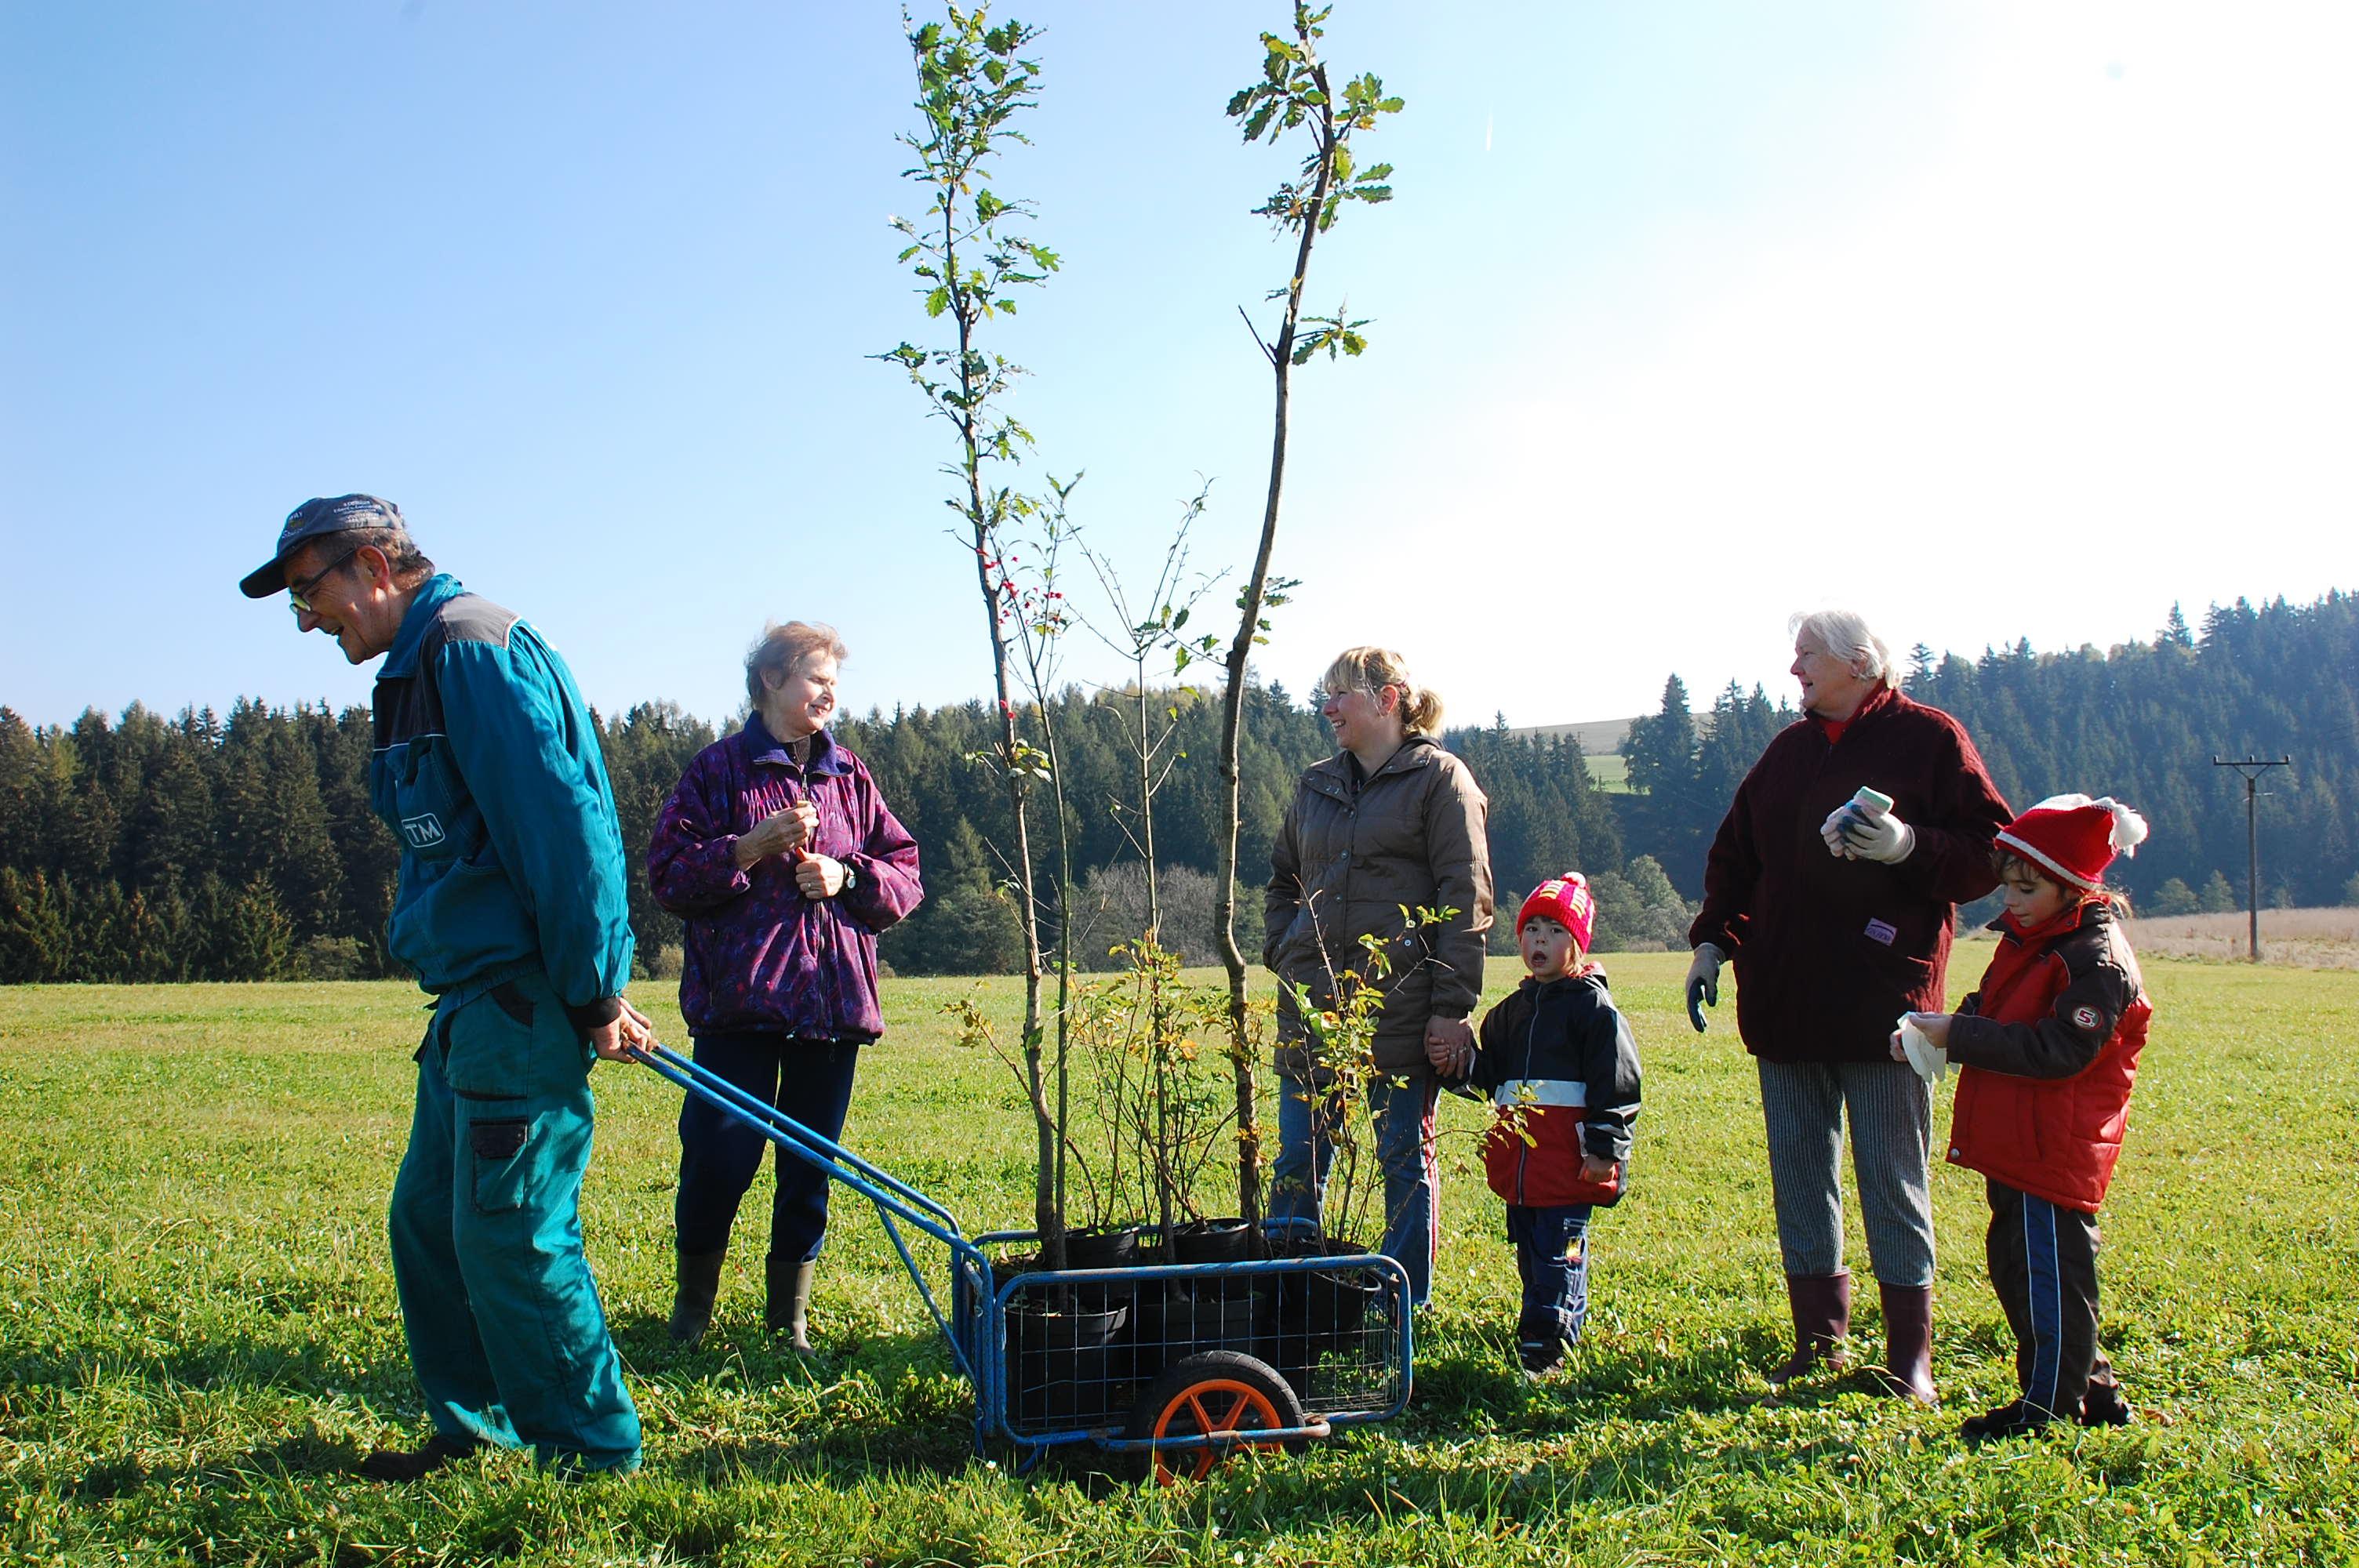 Sázení stromů v projektu Sázíme budoucnost bude podpořeno rekordní částkou